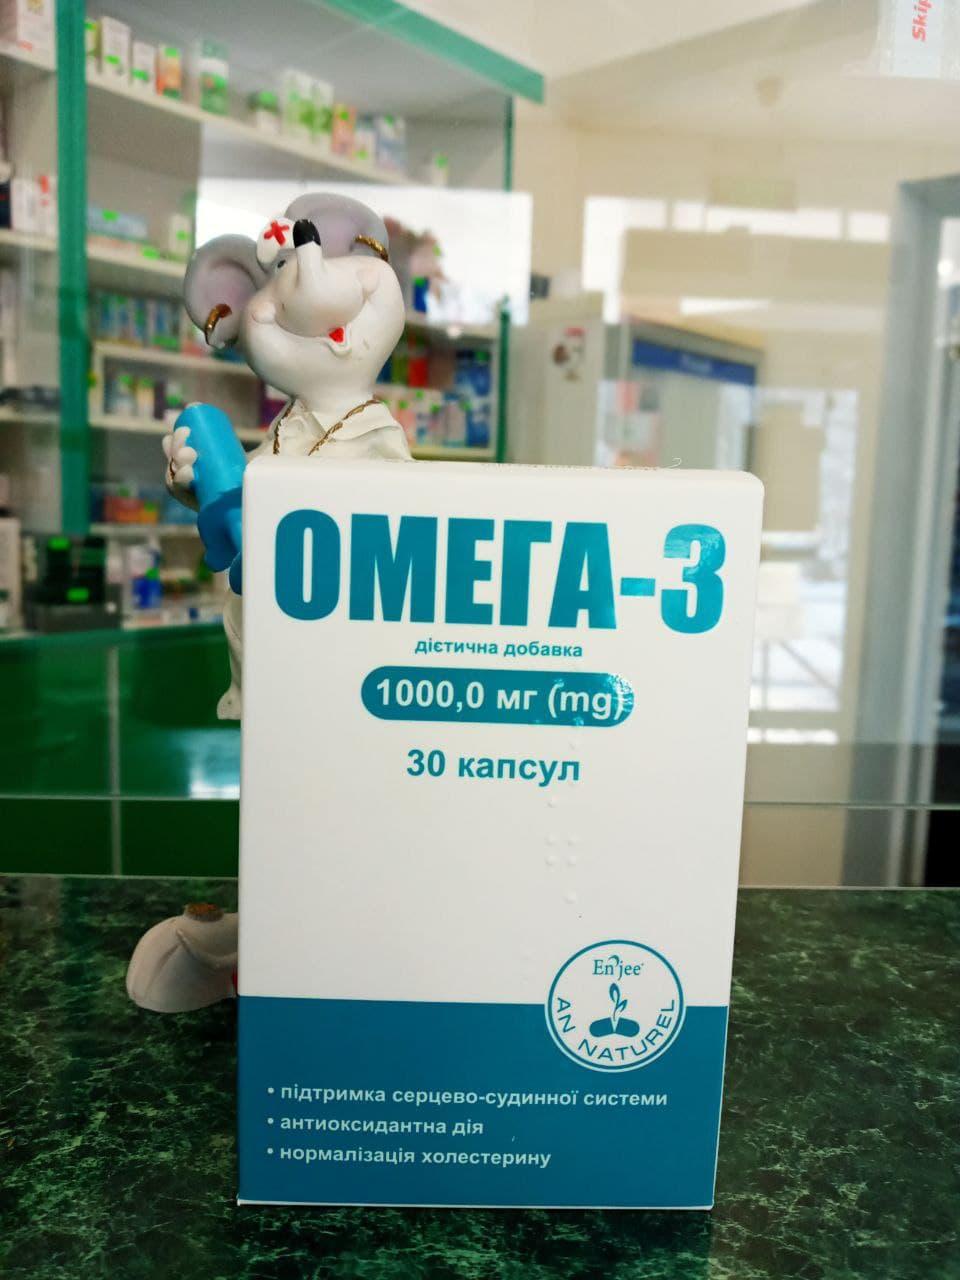 Омега-3 полиненасыщенные кислоты в поддержке сердечно-сосудистой системы и нормализации холестерина